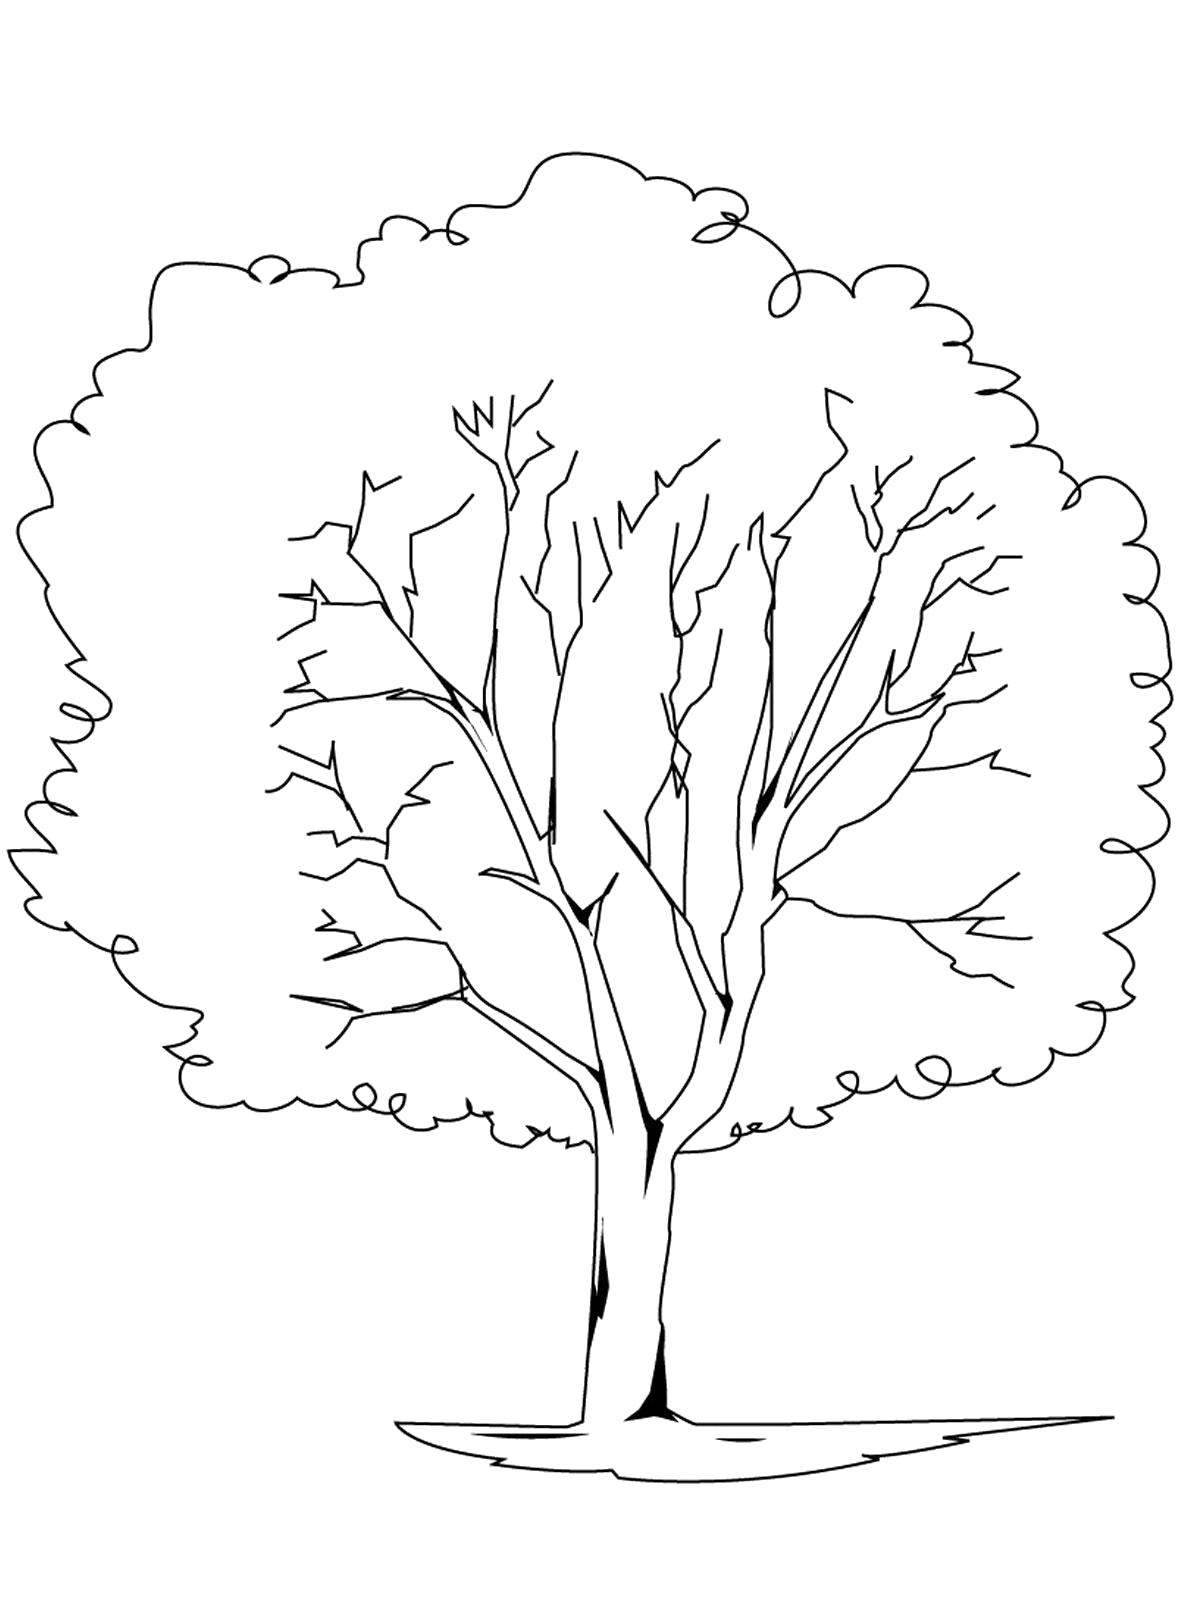 Раскраска Раскраски деревья и кустарники. . растения